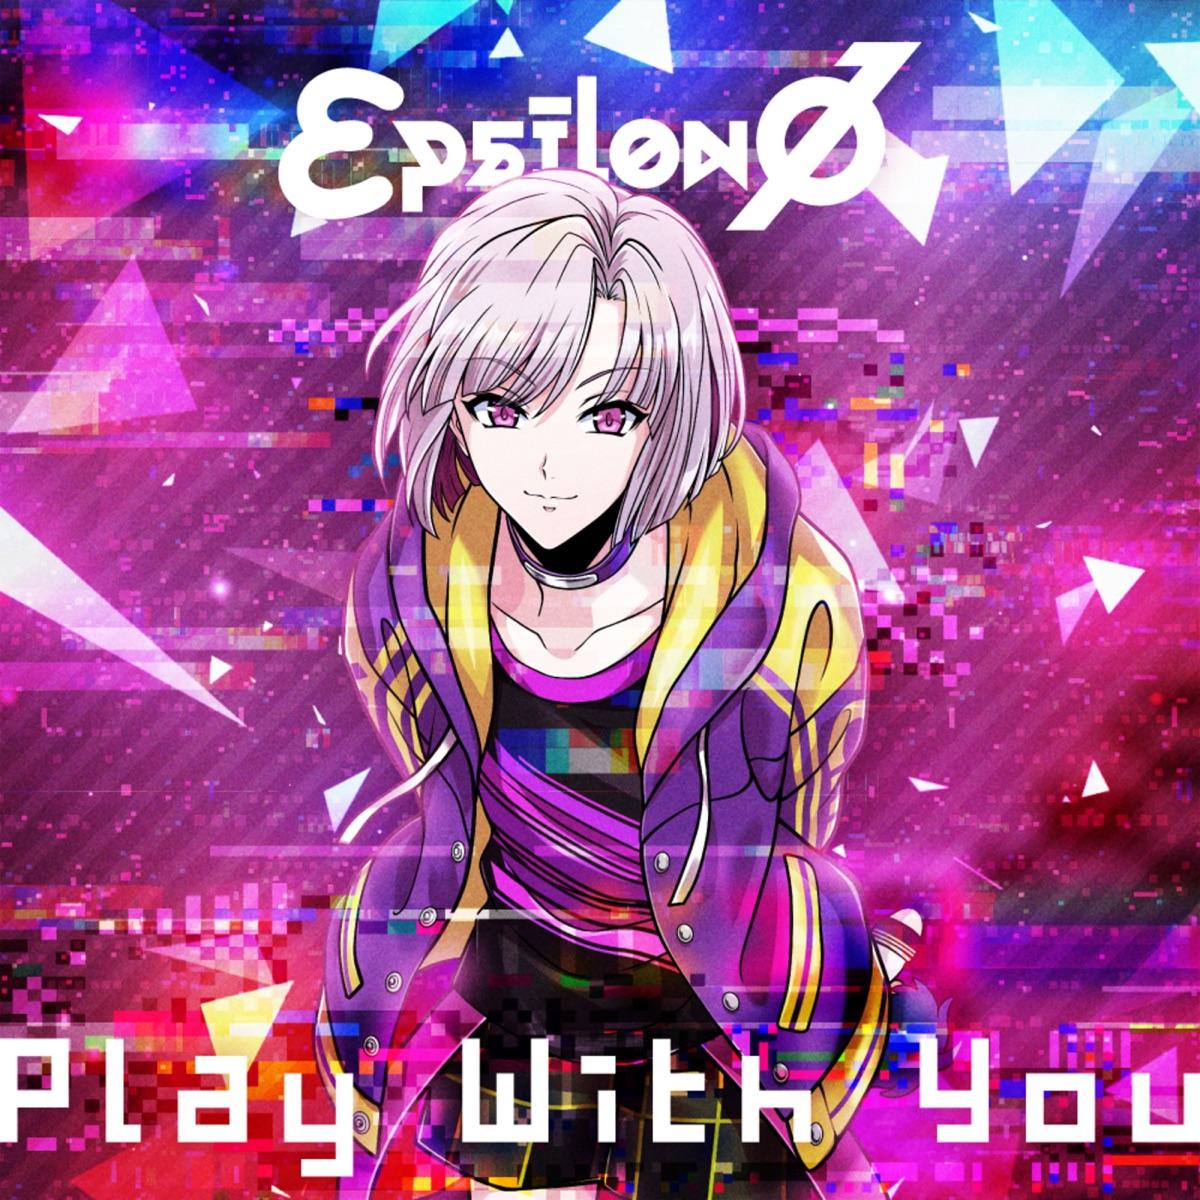 『εpsilonΦ - Play With You 歌詞』収録の『Play With You』ジャケット